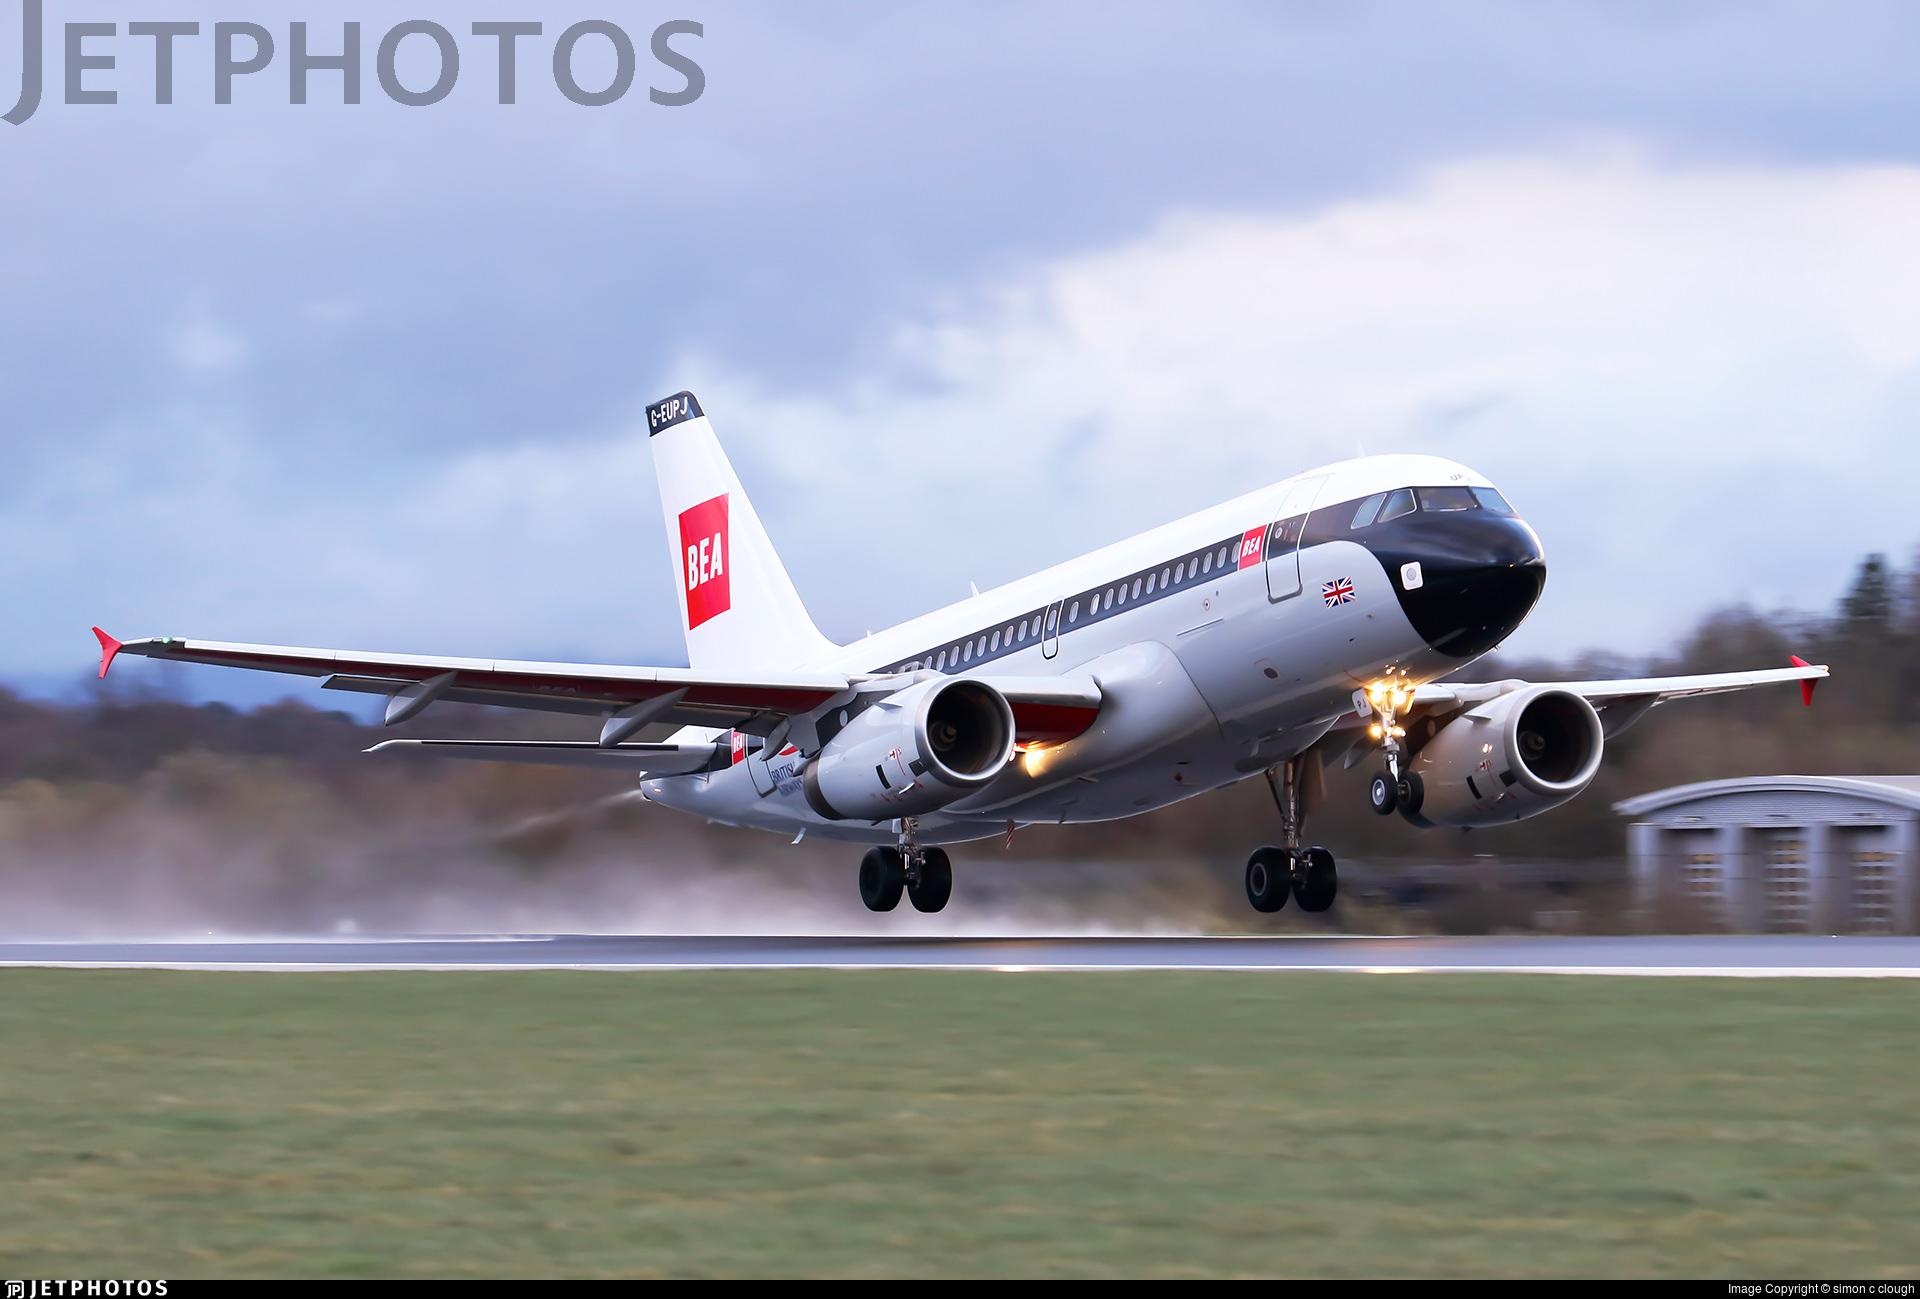 British Airways A319 in BEA livery